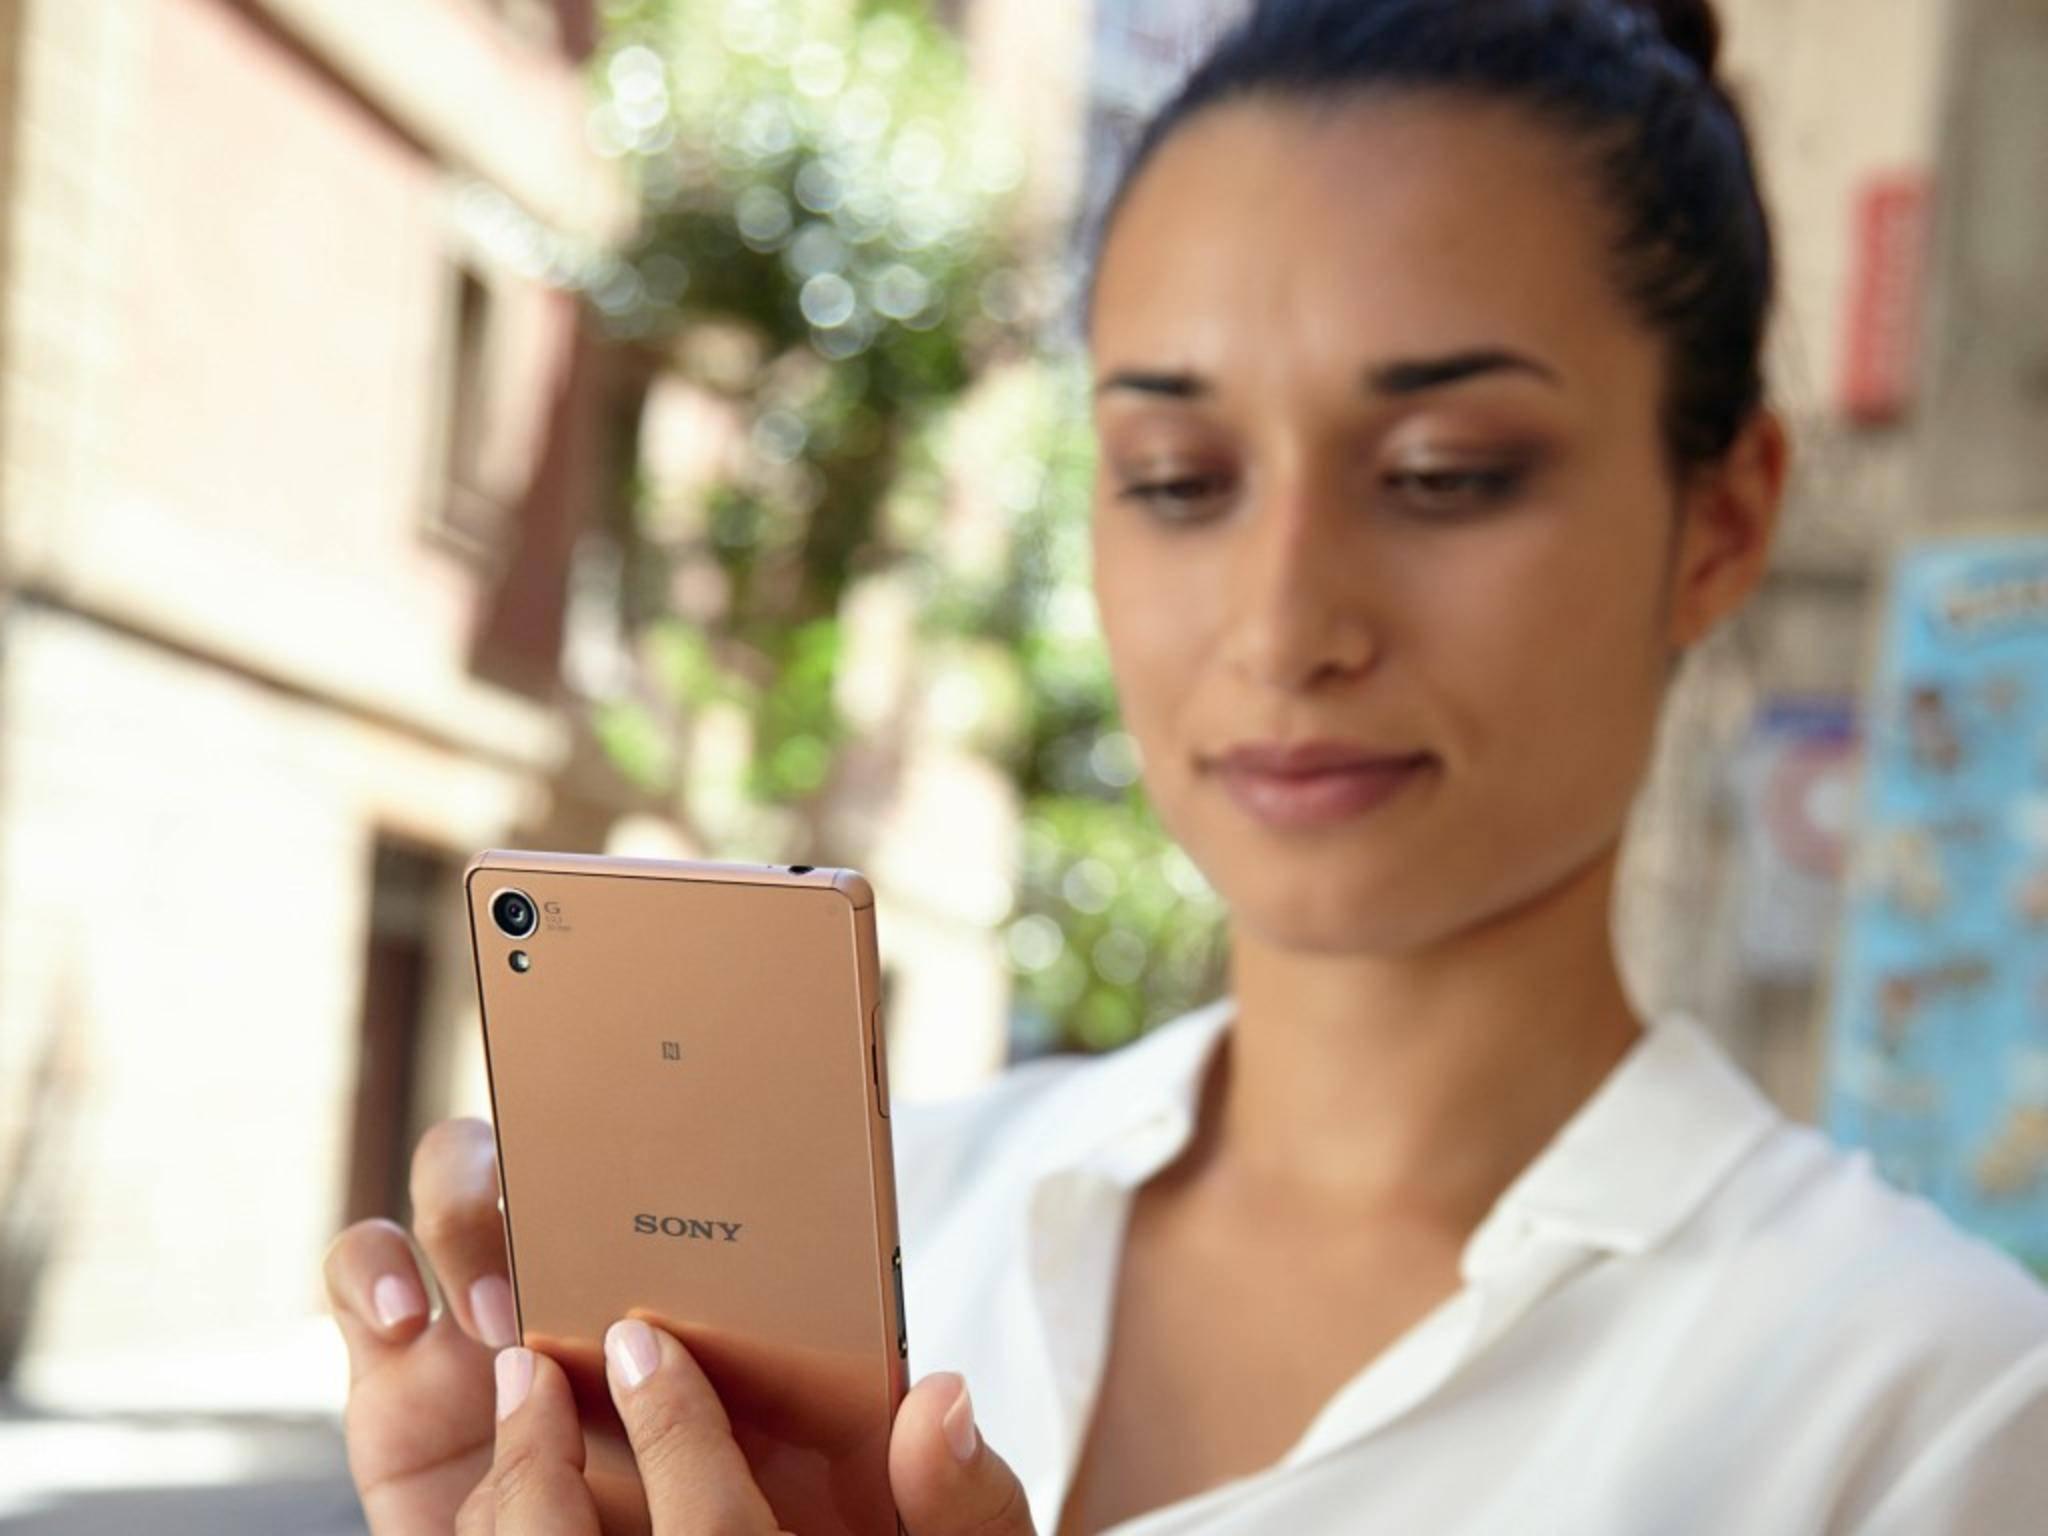 Auch diese junge Dame freut sich bald über das Android 5.1-Lollipop-Update - so wie viele Sony Xperia-Besitzer.